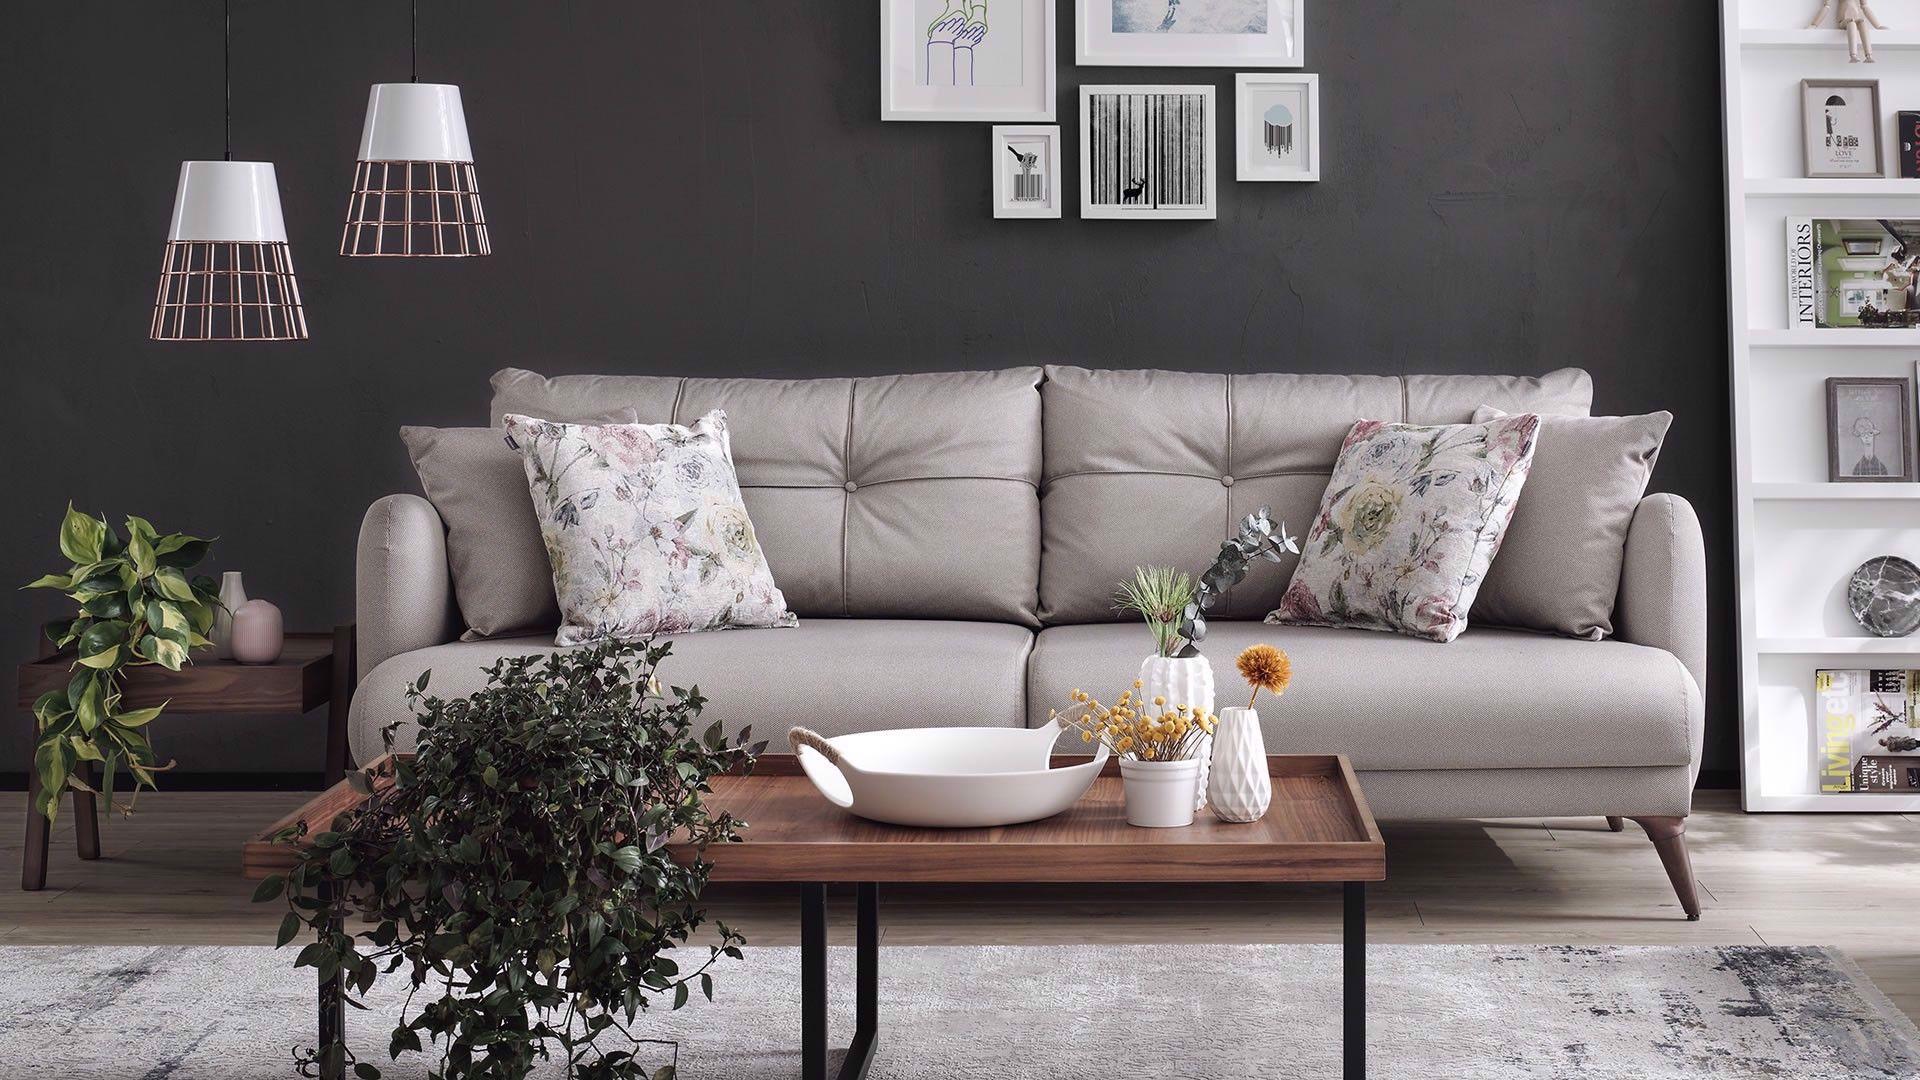 Pin By Rapsodi Koltuk Takimlari On Koltuk Decor Furniture Home Decor